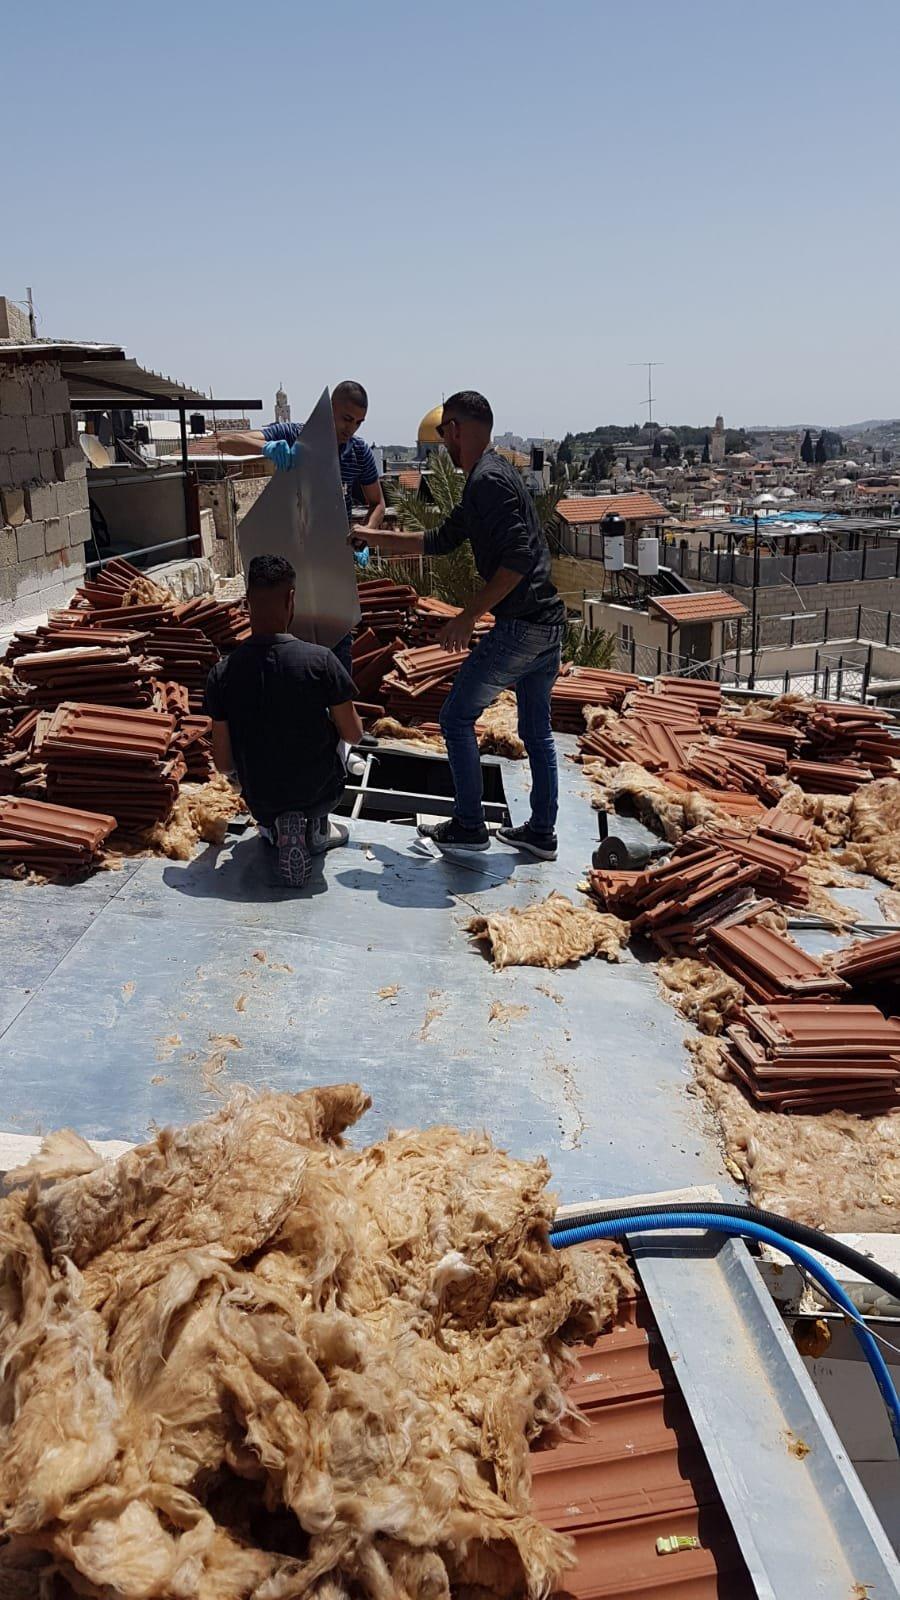 بلدية القدس تجبر عائلة مقدسية على هدم منزلها في حارة السعدية